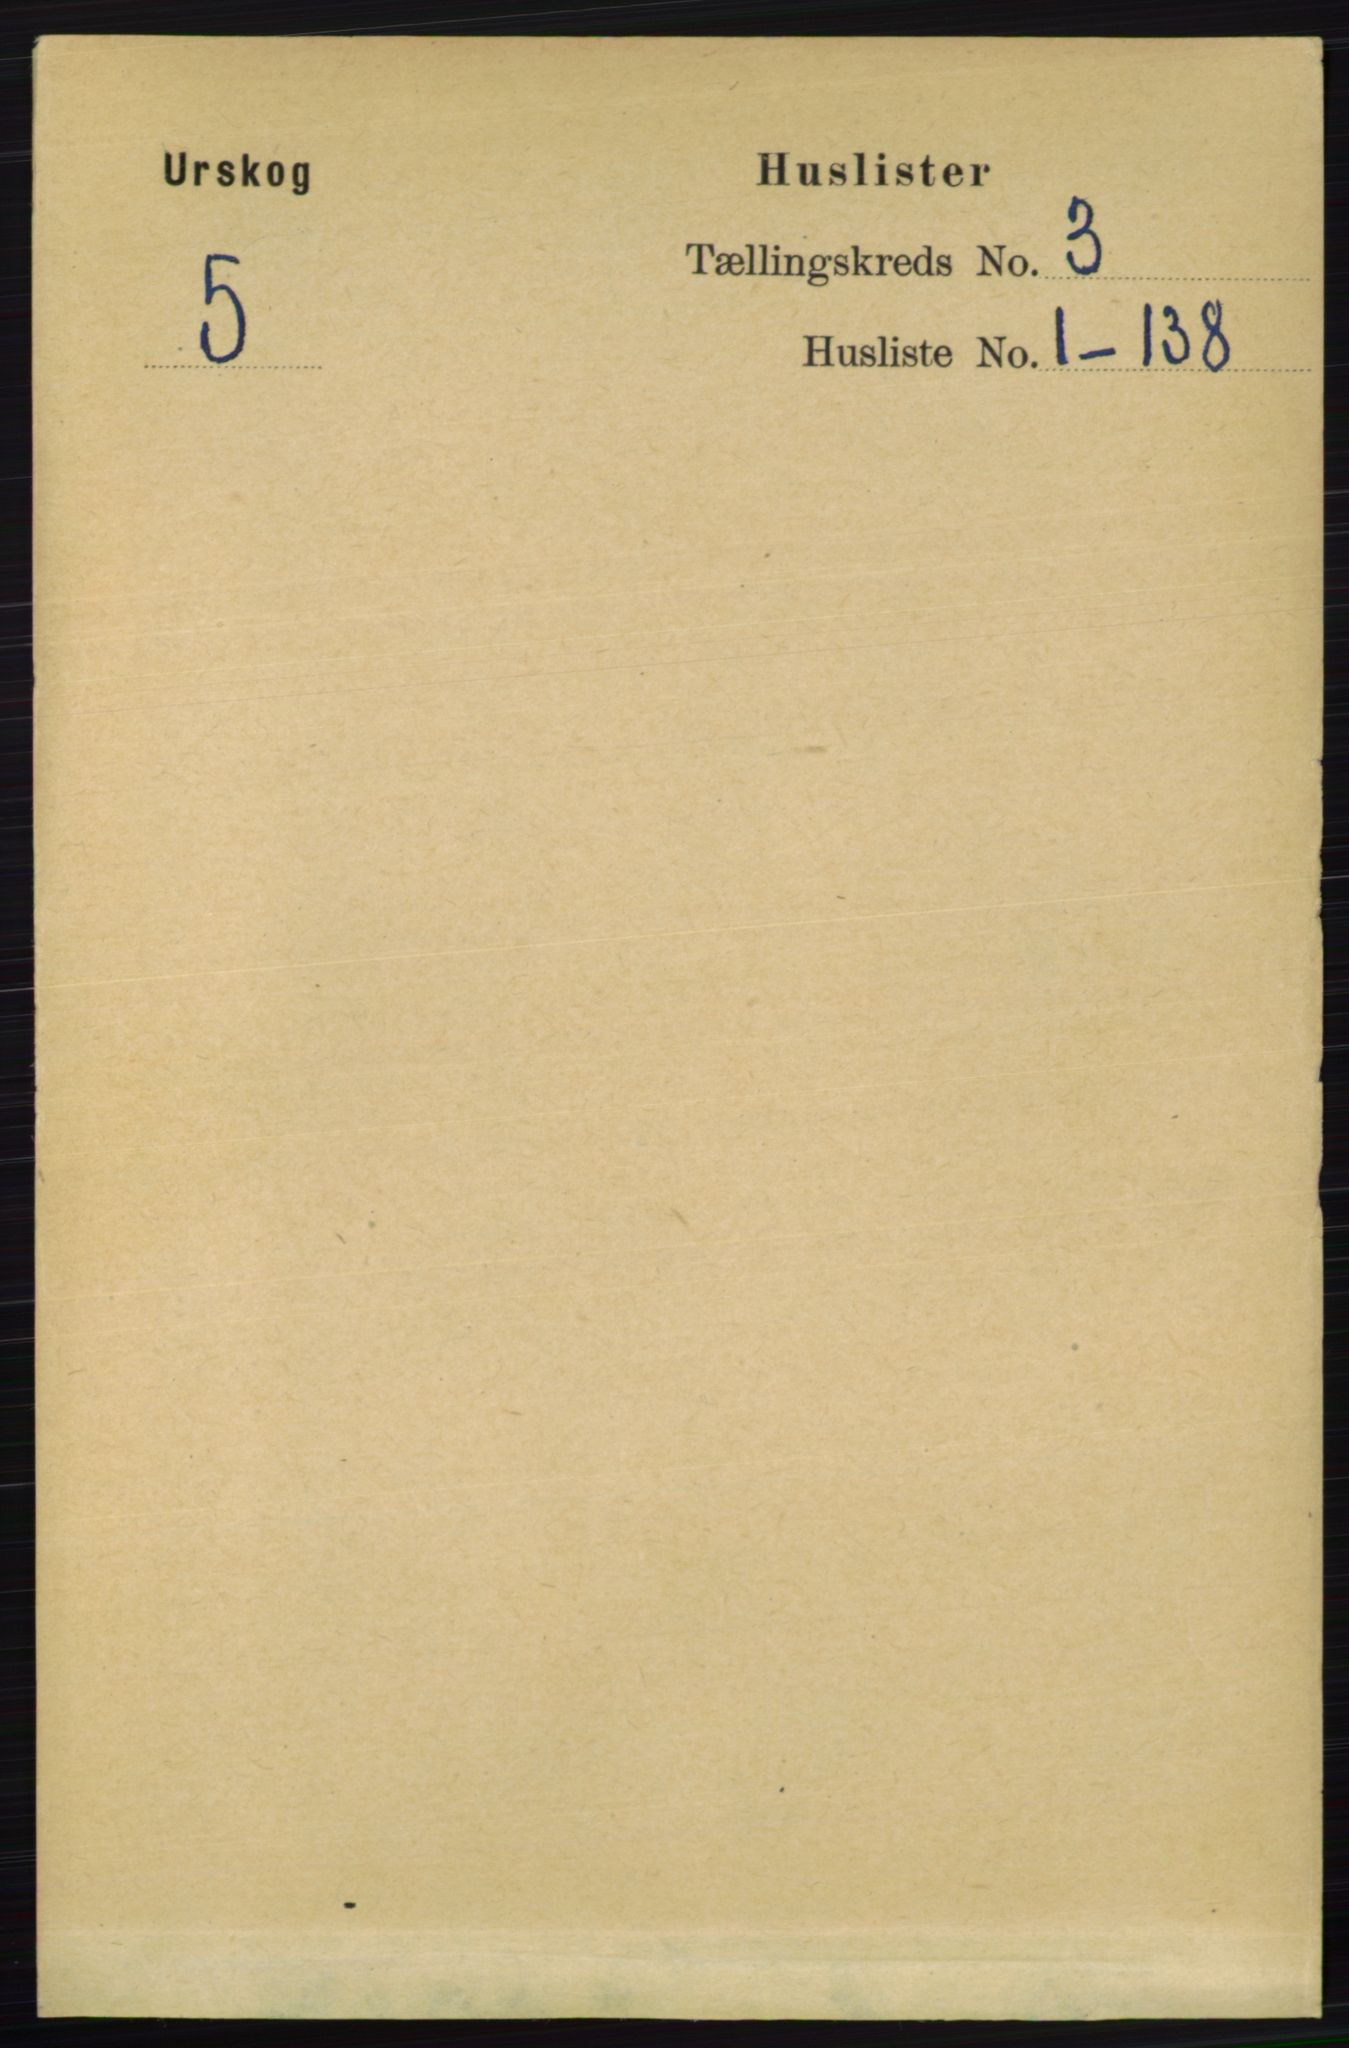 RA, Folketelling 1891 for 0224 Aurskog herred, 1891, s. 357